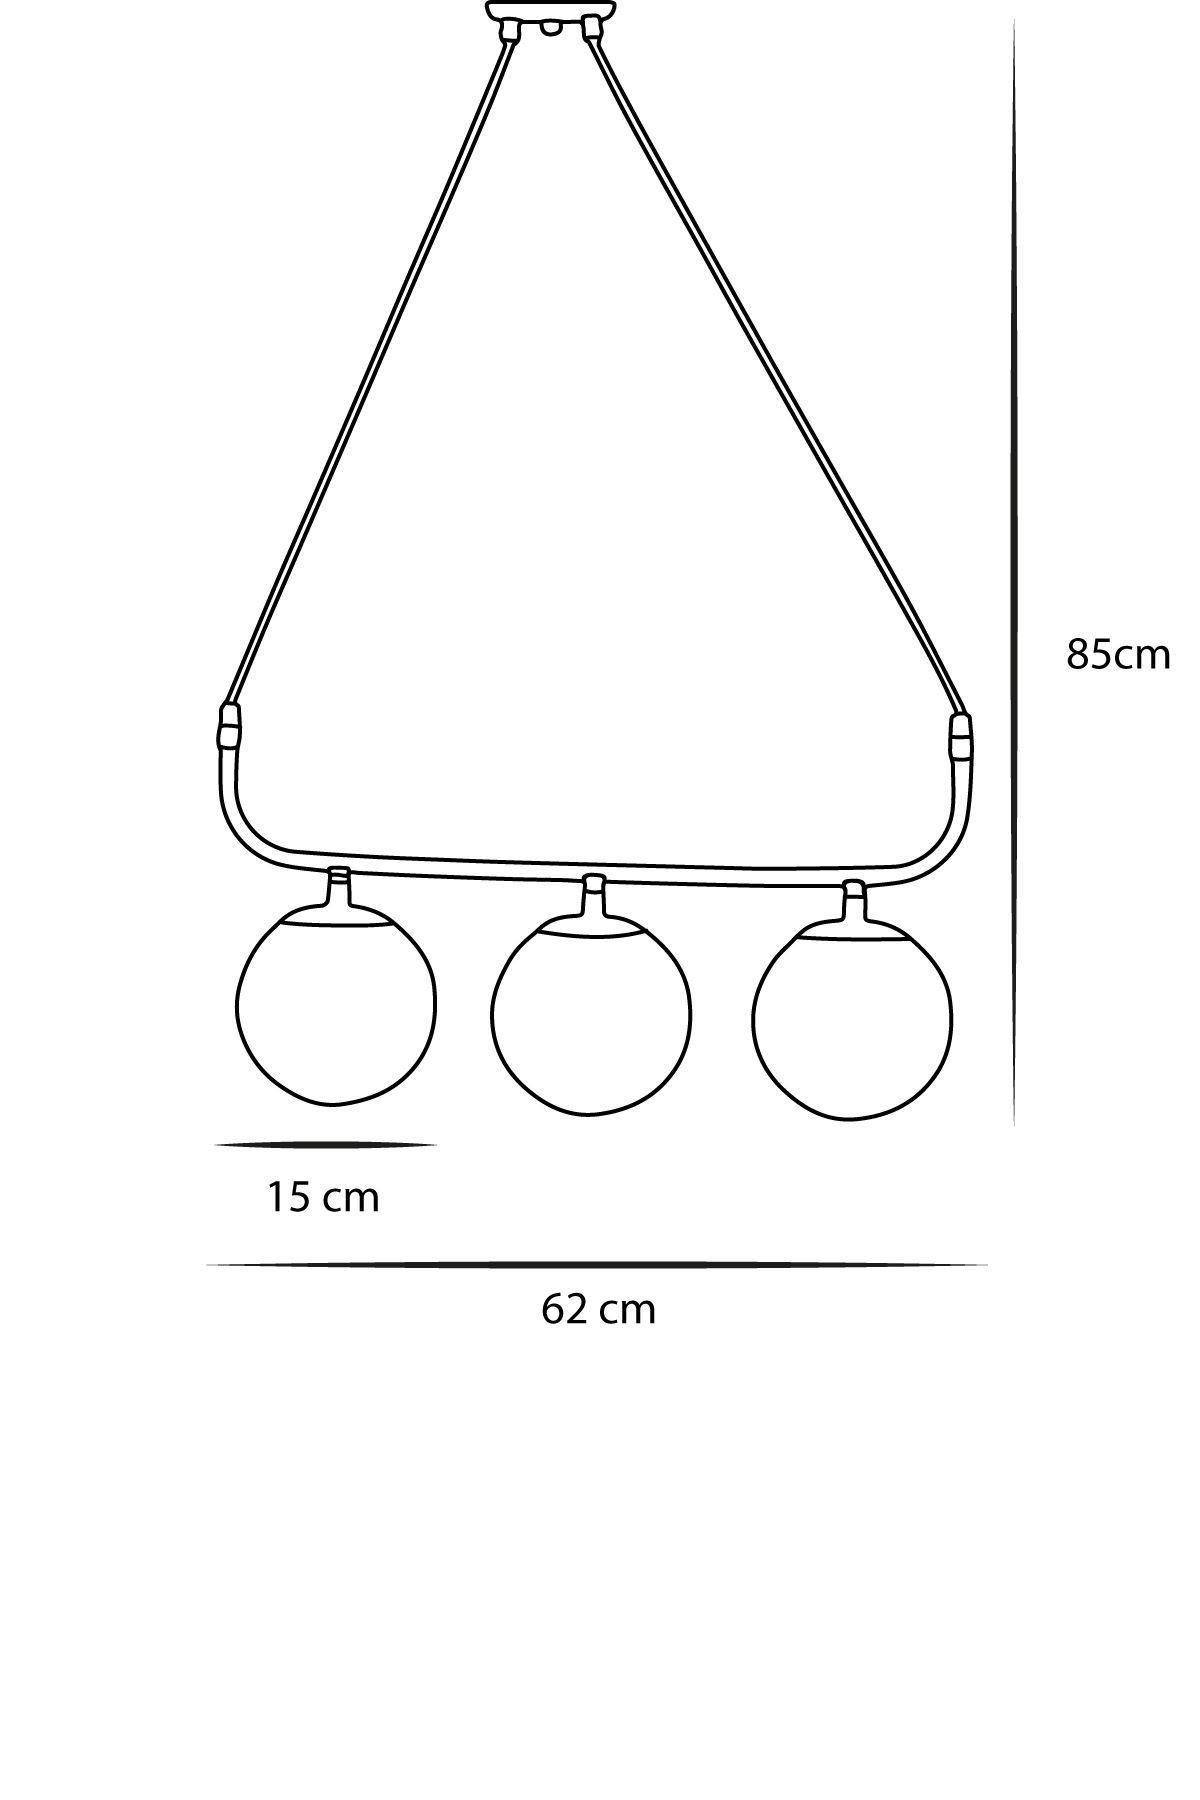 Delta 3 Lü Krom Metal Gövde Füme Camlı Tasarım Lüx Avize